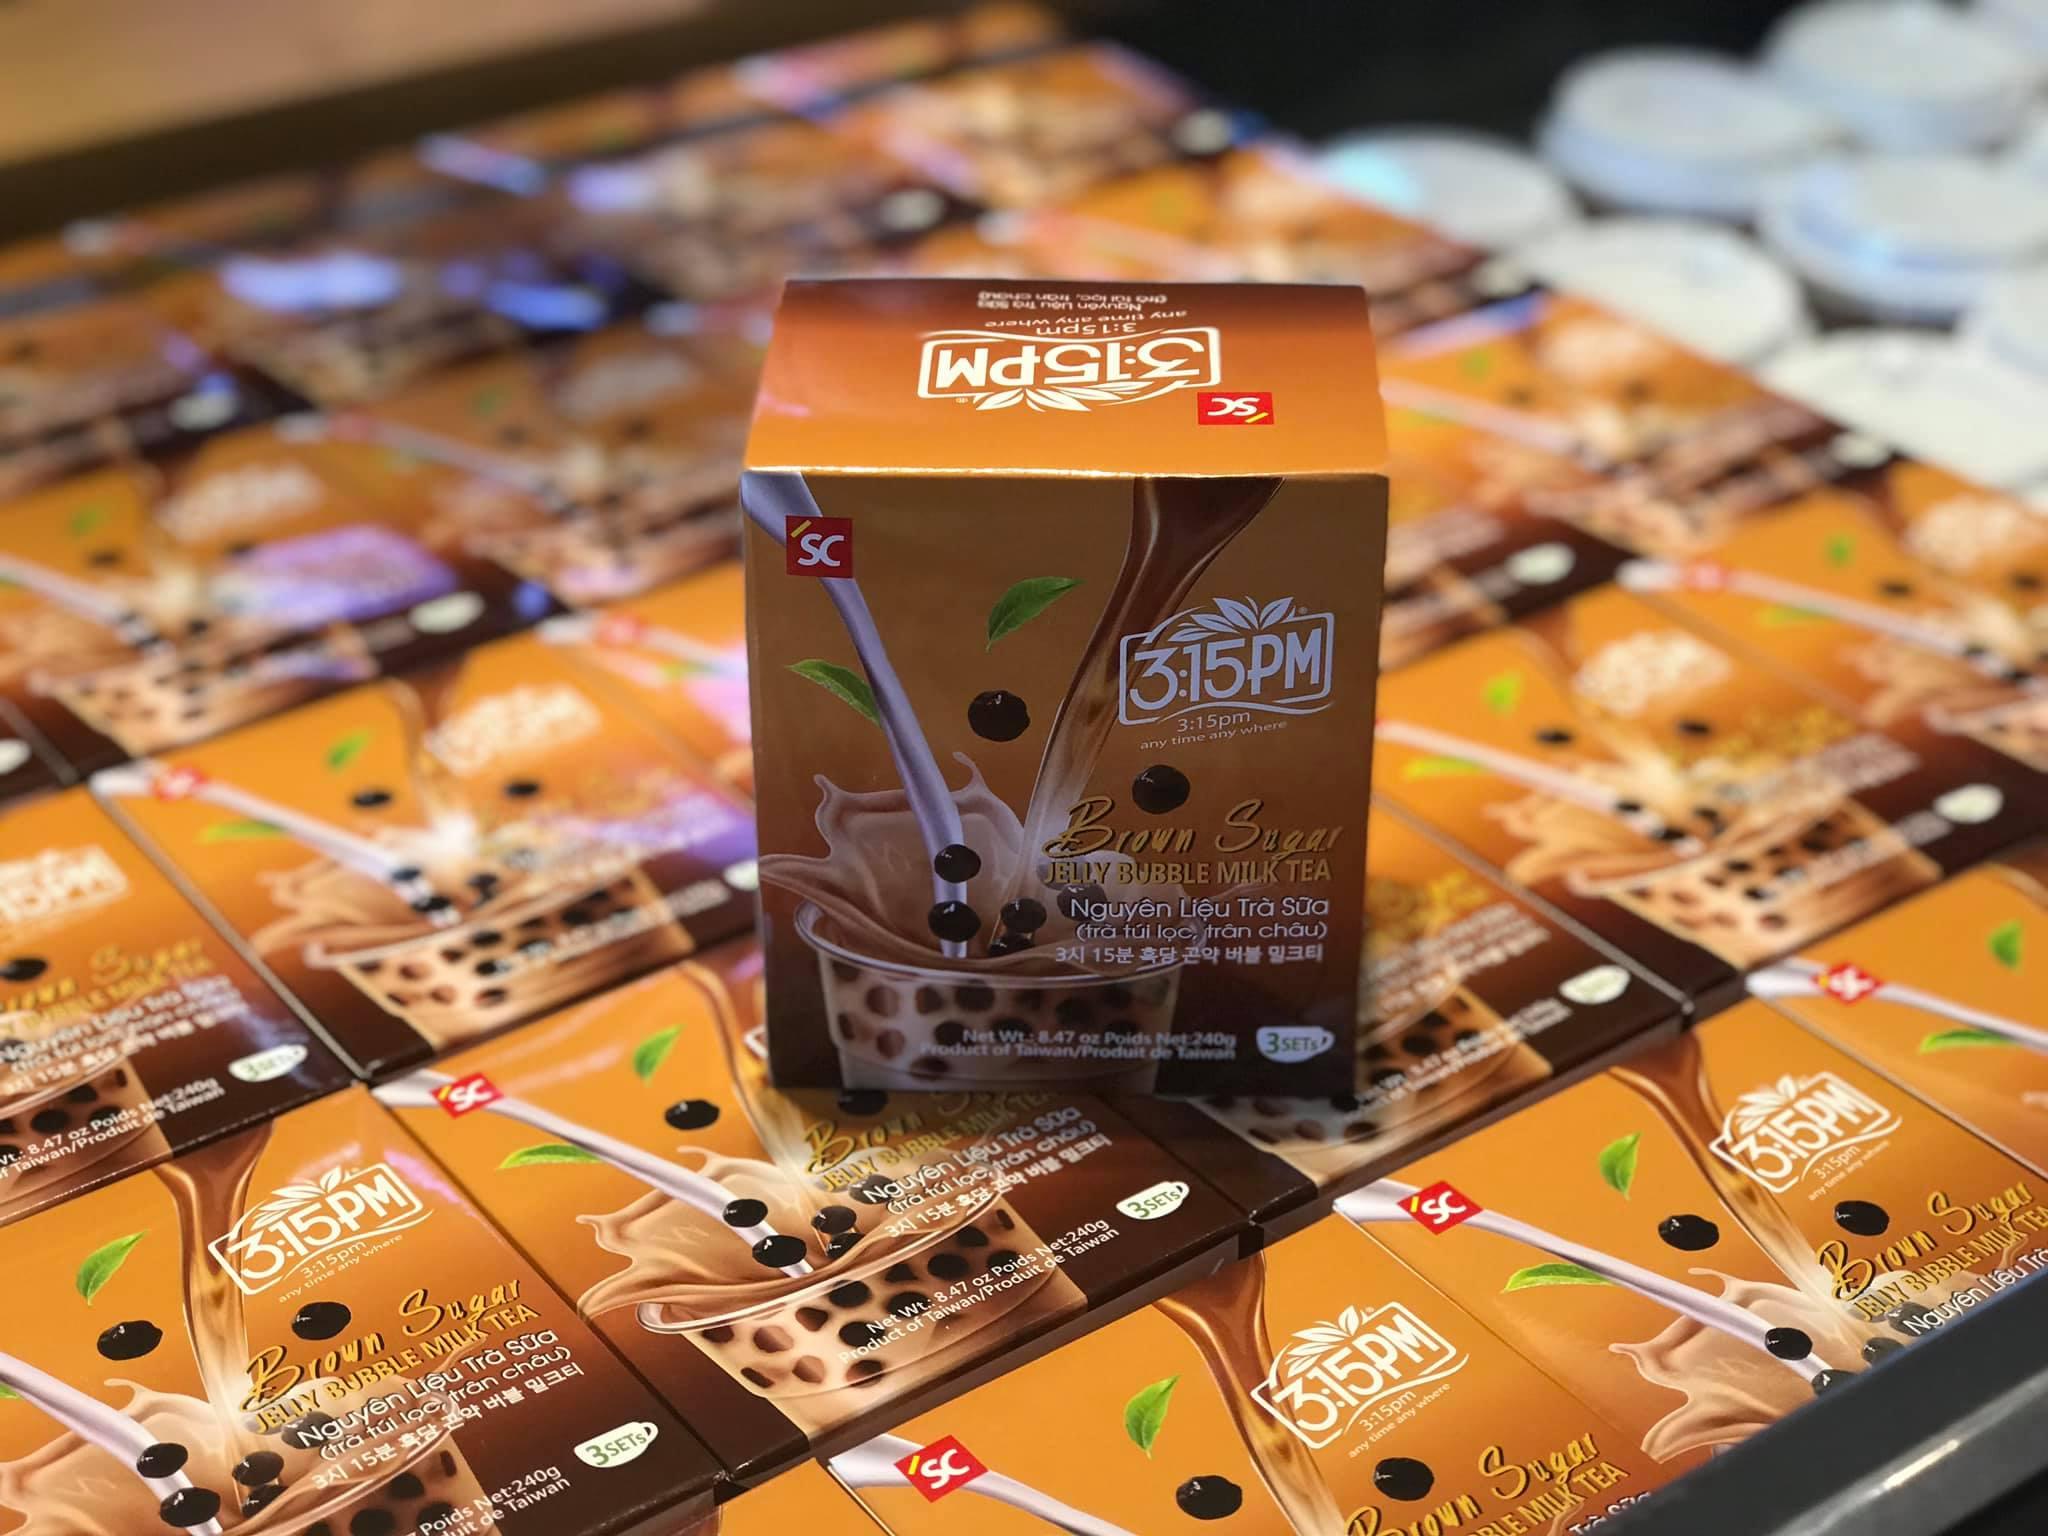 Combo trà sữa trân châu 3.15PM túi lọc đường nâu (gồm túi trà + gói hạt trân châu)